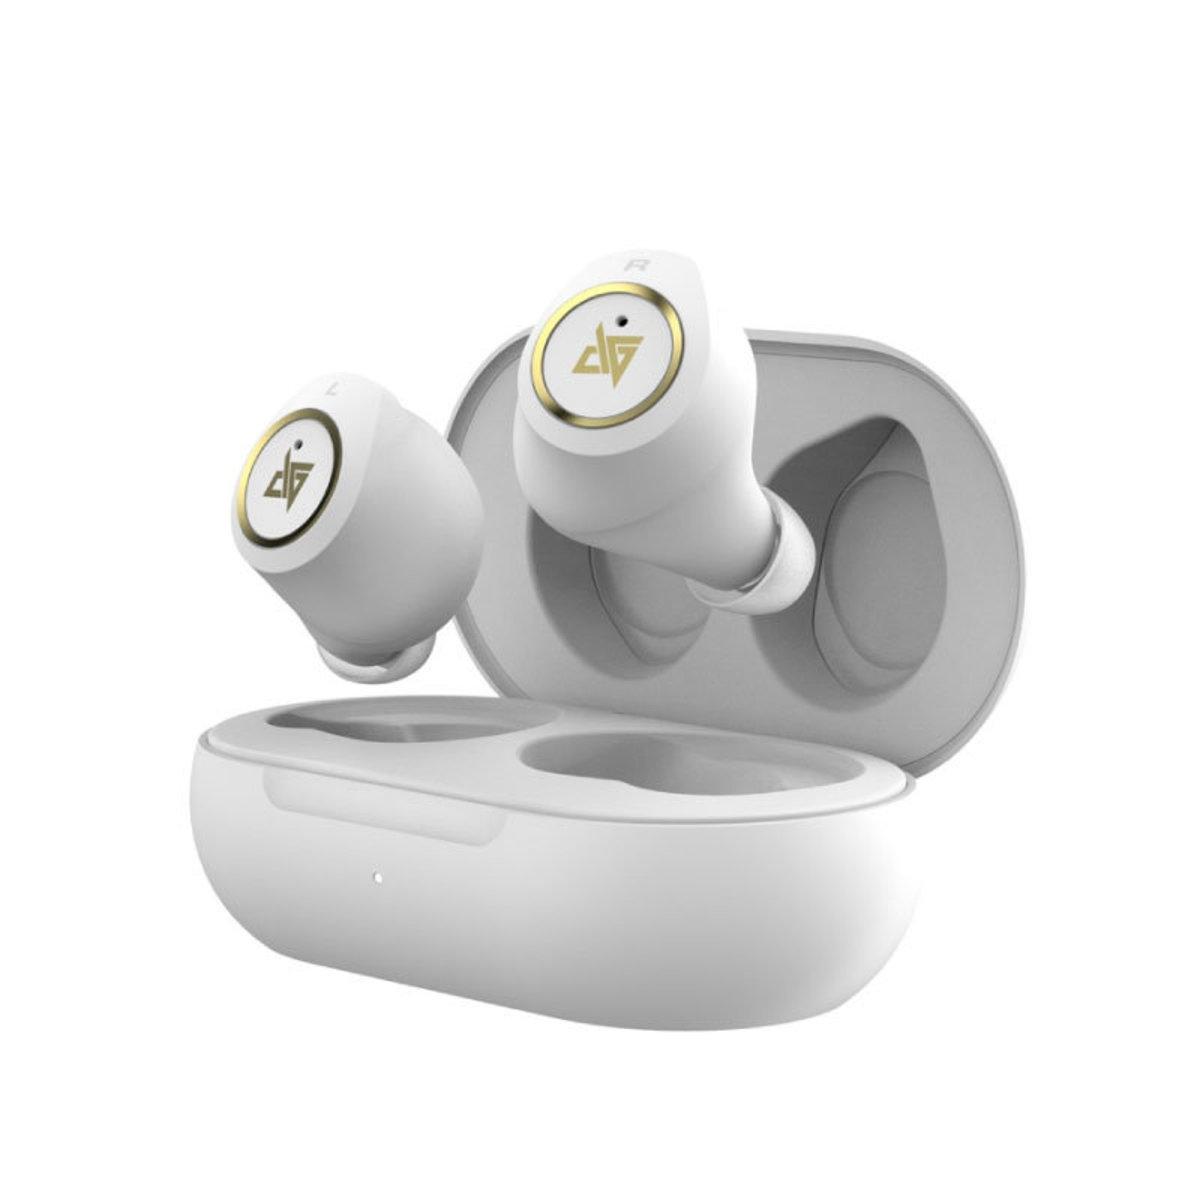 HK Supplier AT200 True Wireless Dual Dynamic IPX5 Bluetooth 5.0 In ear Earphone White